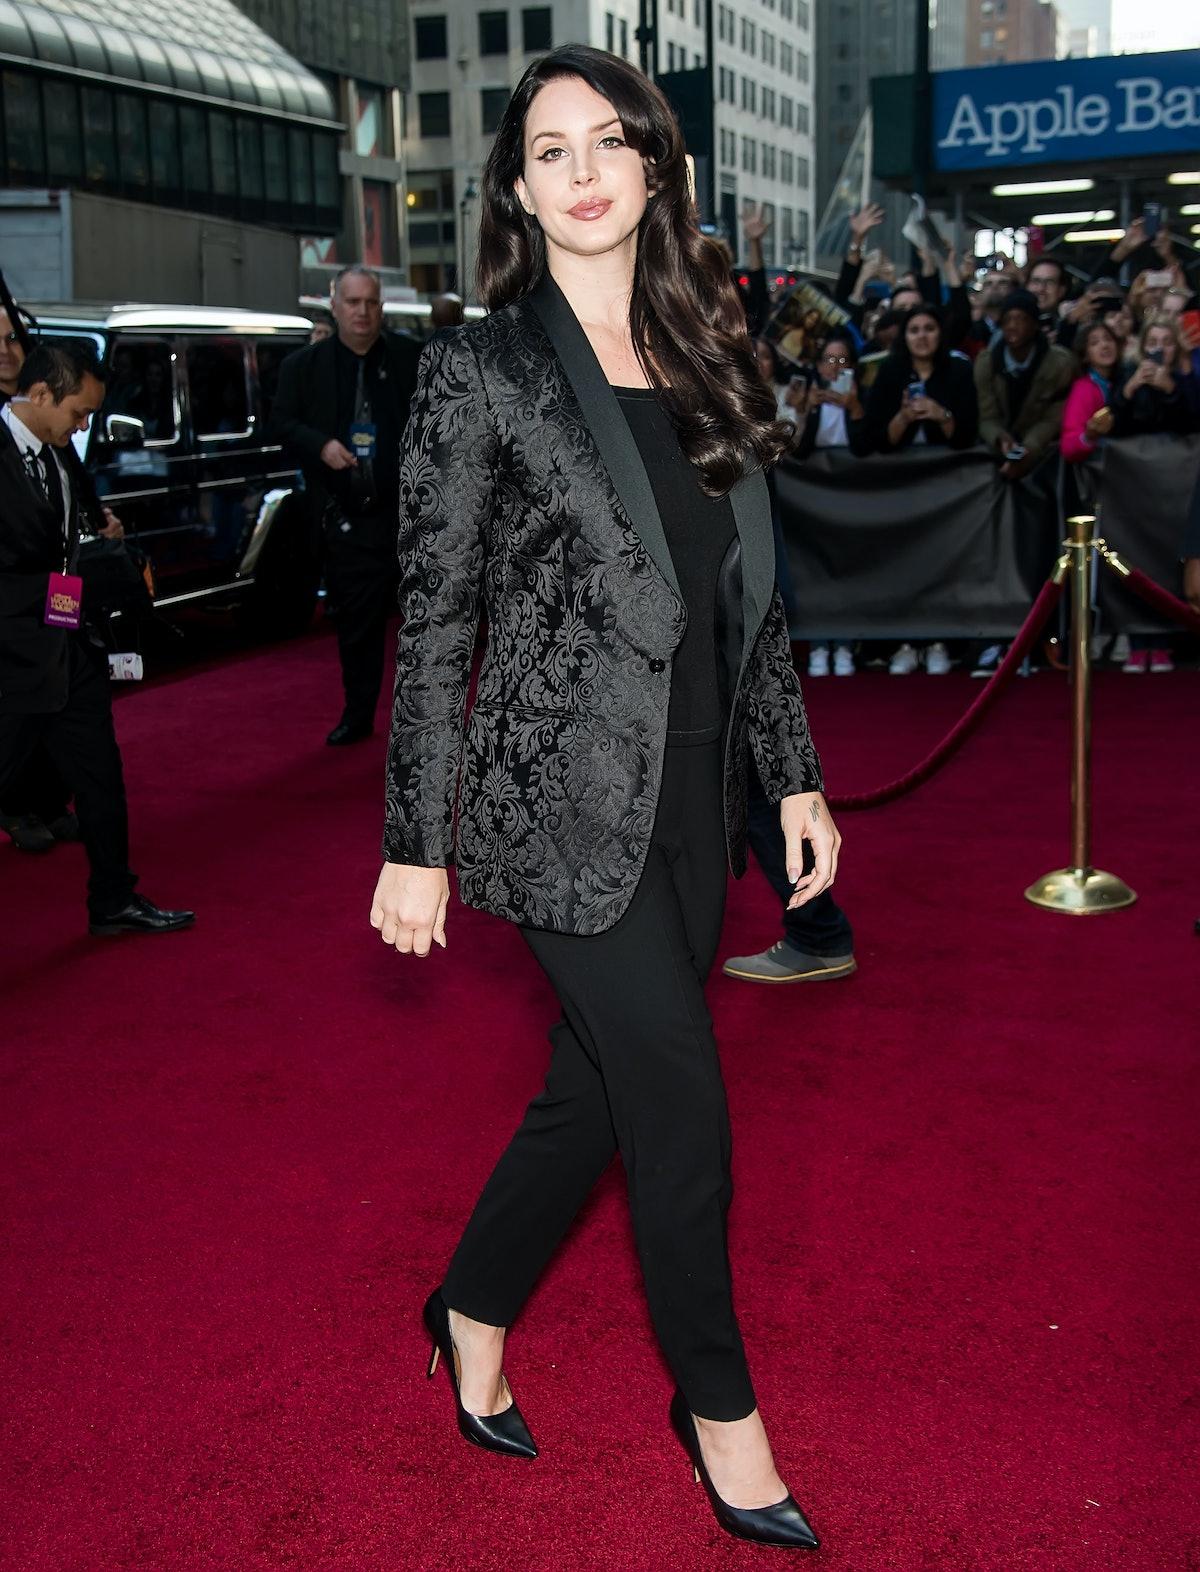 Lana Del Rey wearing all black